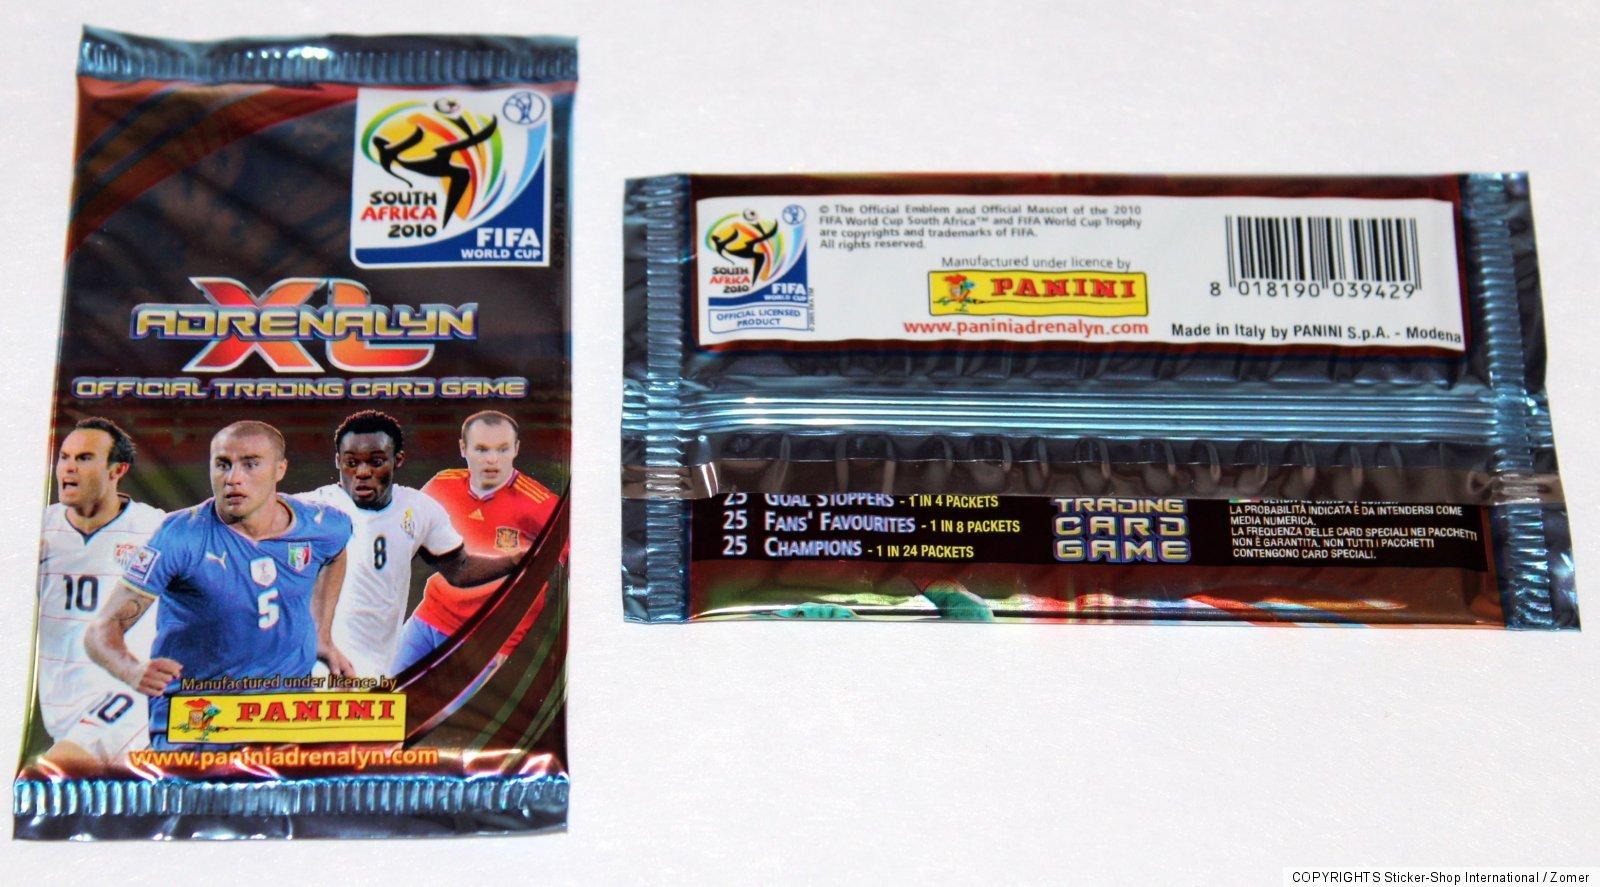 pour choisir Panini coupe du monde 2010 adrenalyn xl tous les champions par exemple, Messi, ronaldo